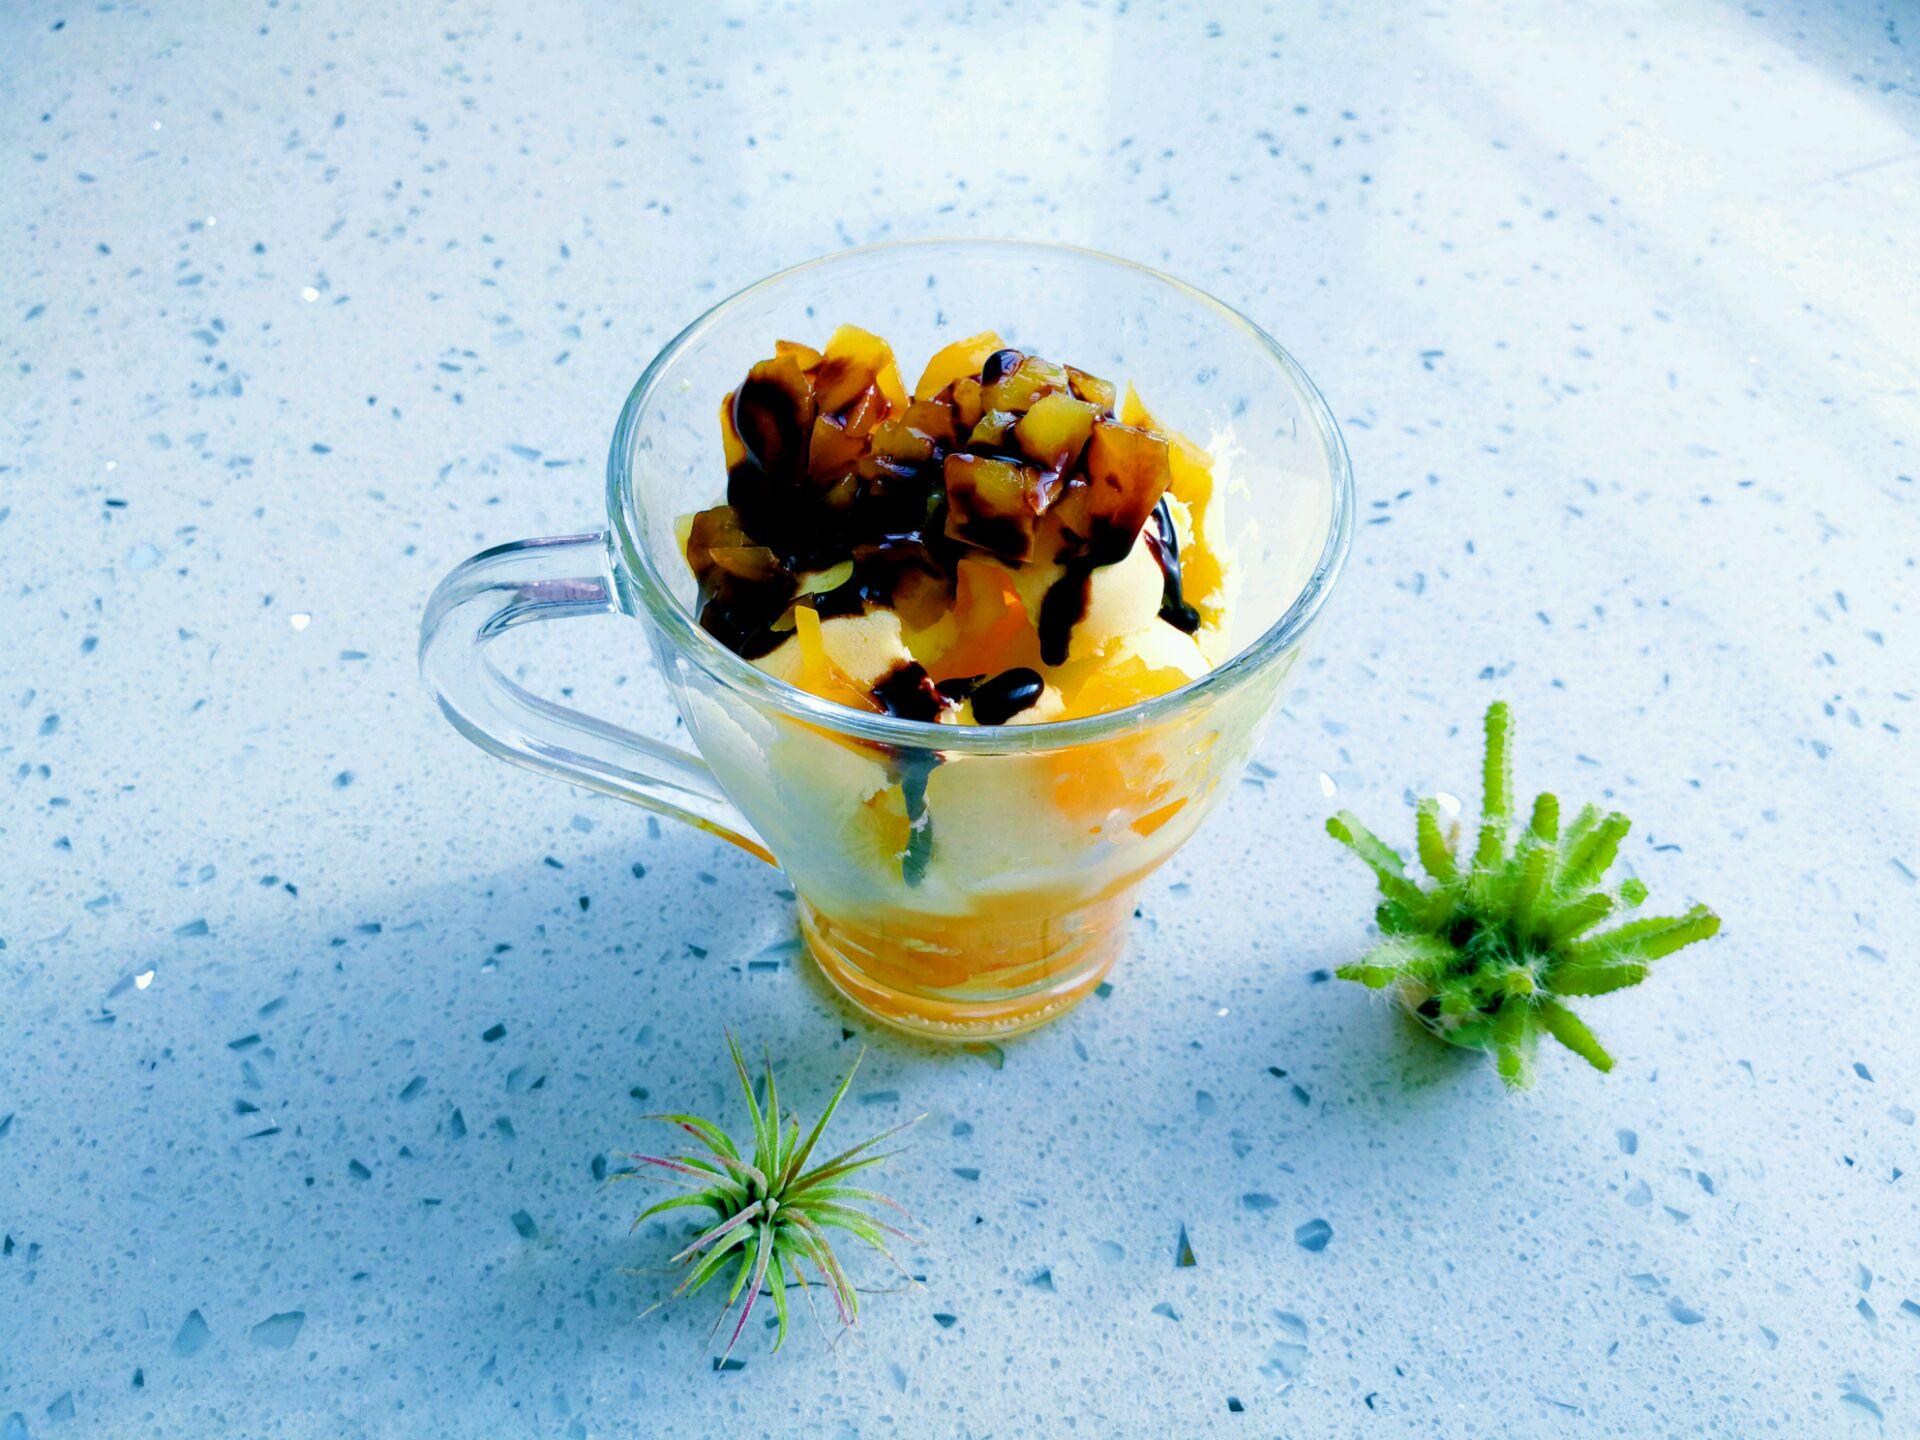 黄桃冰淇淋的做法步骤